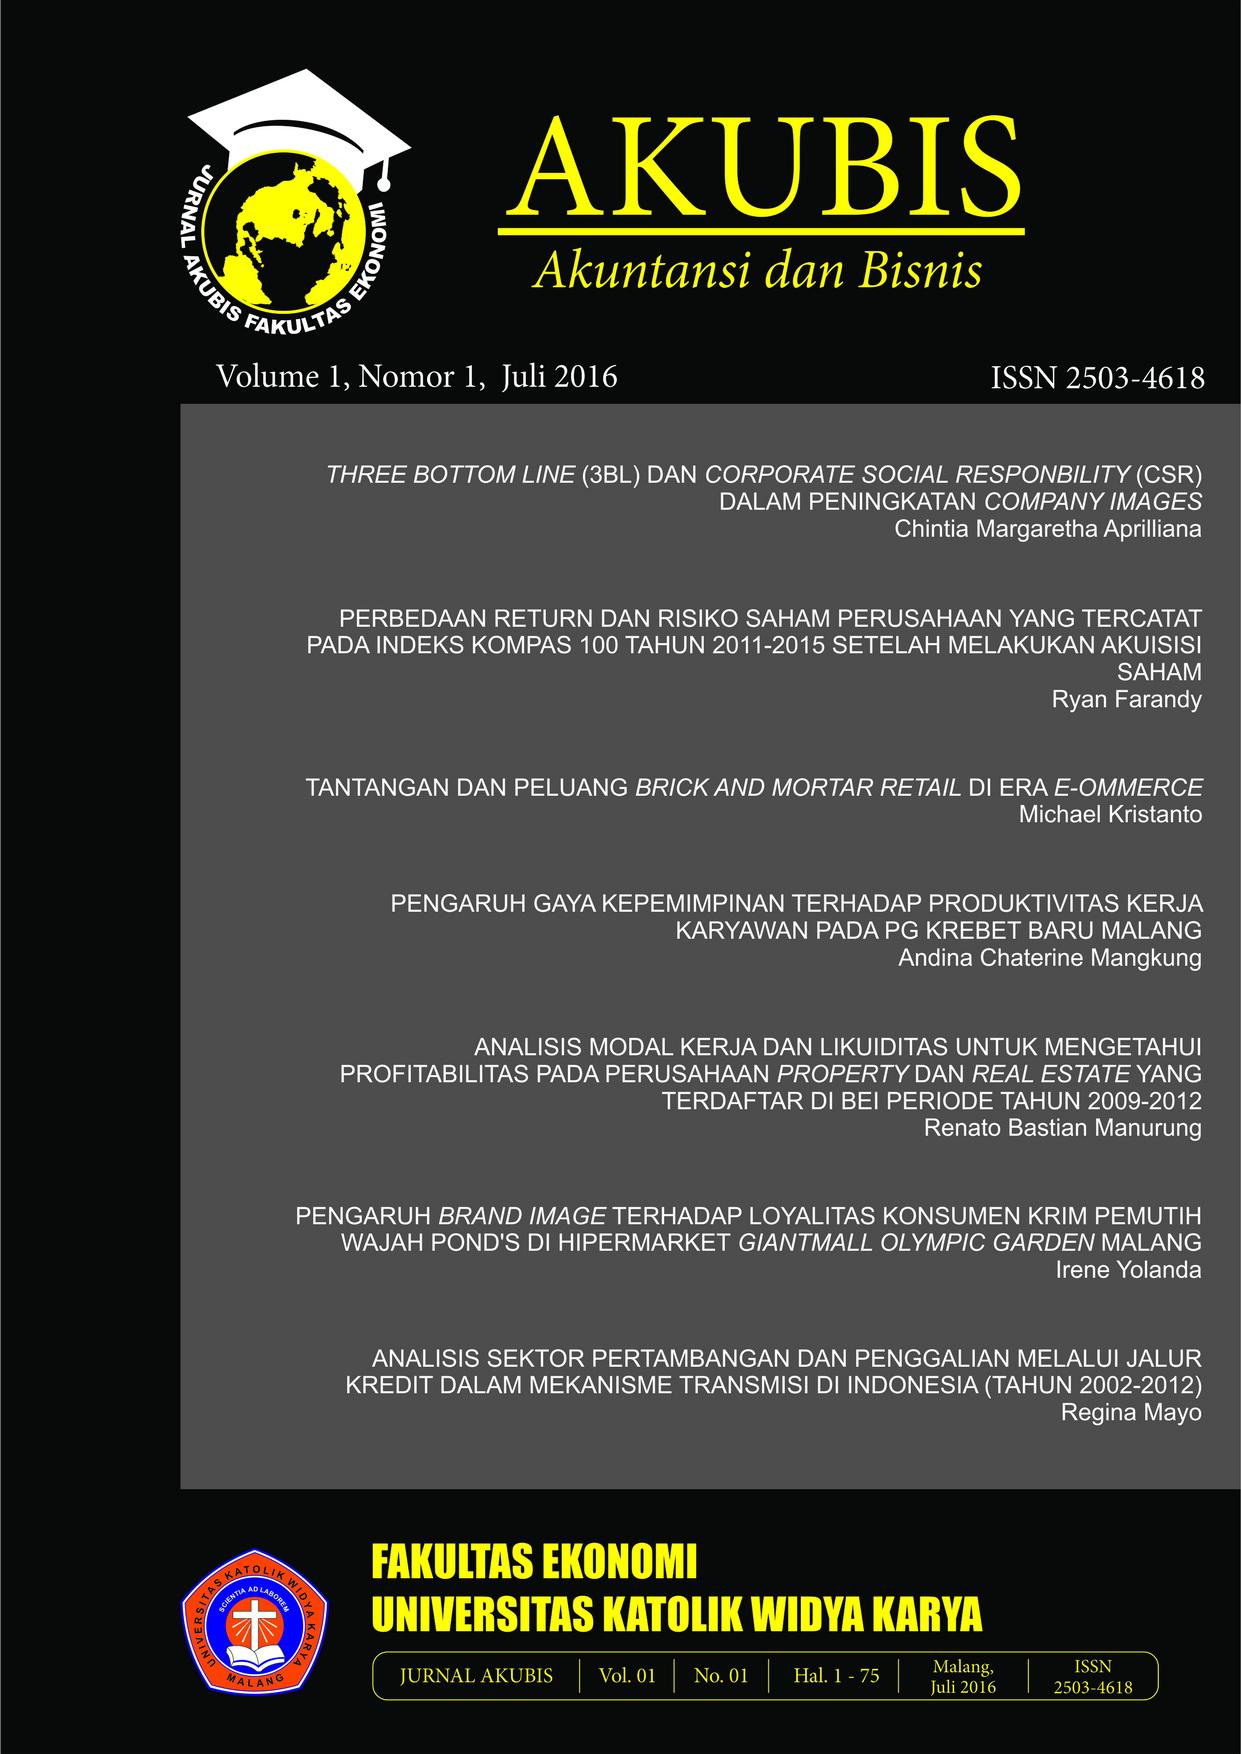 Lihat Vol 1 No 1 (2016): vol 1 no 1 Juli 2016